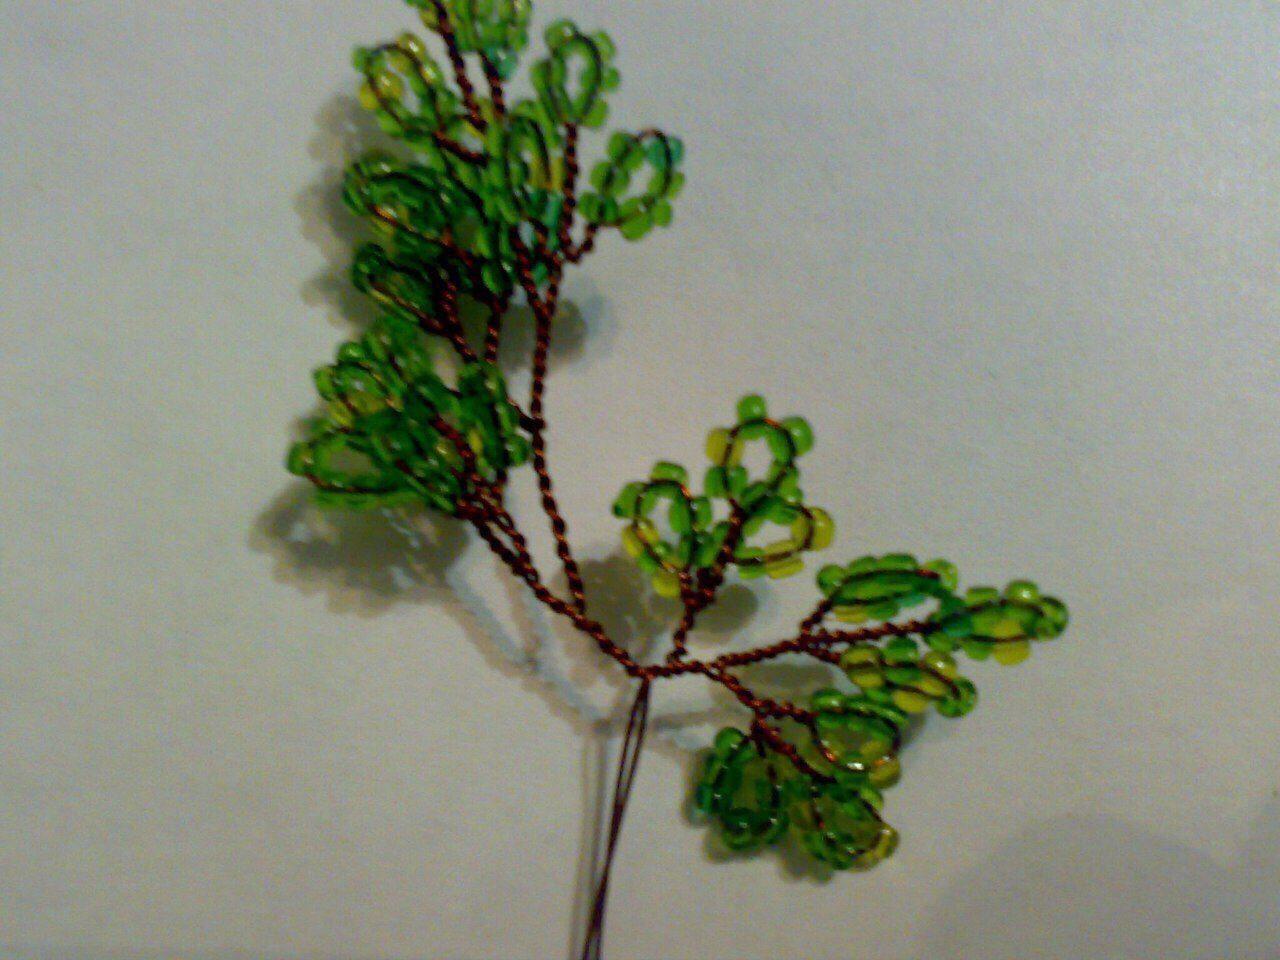 Деревья Image?id=867746748259&t=3&plc=WEB&tkn=*br2EnPMlHctbcd3KJFgw2olrnYE